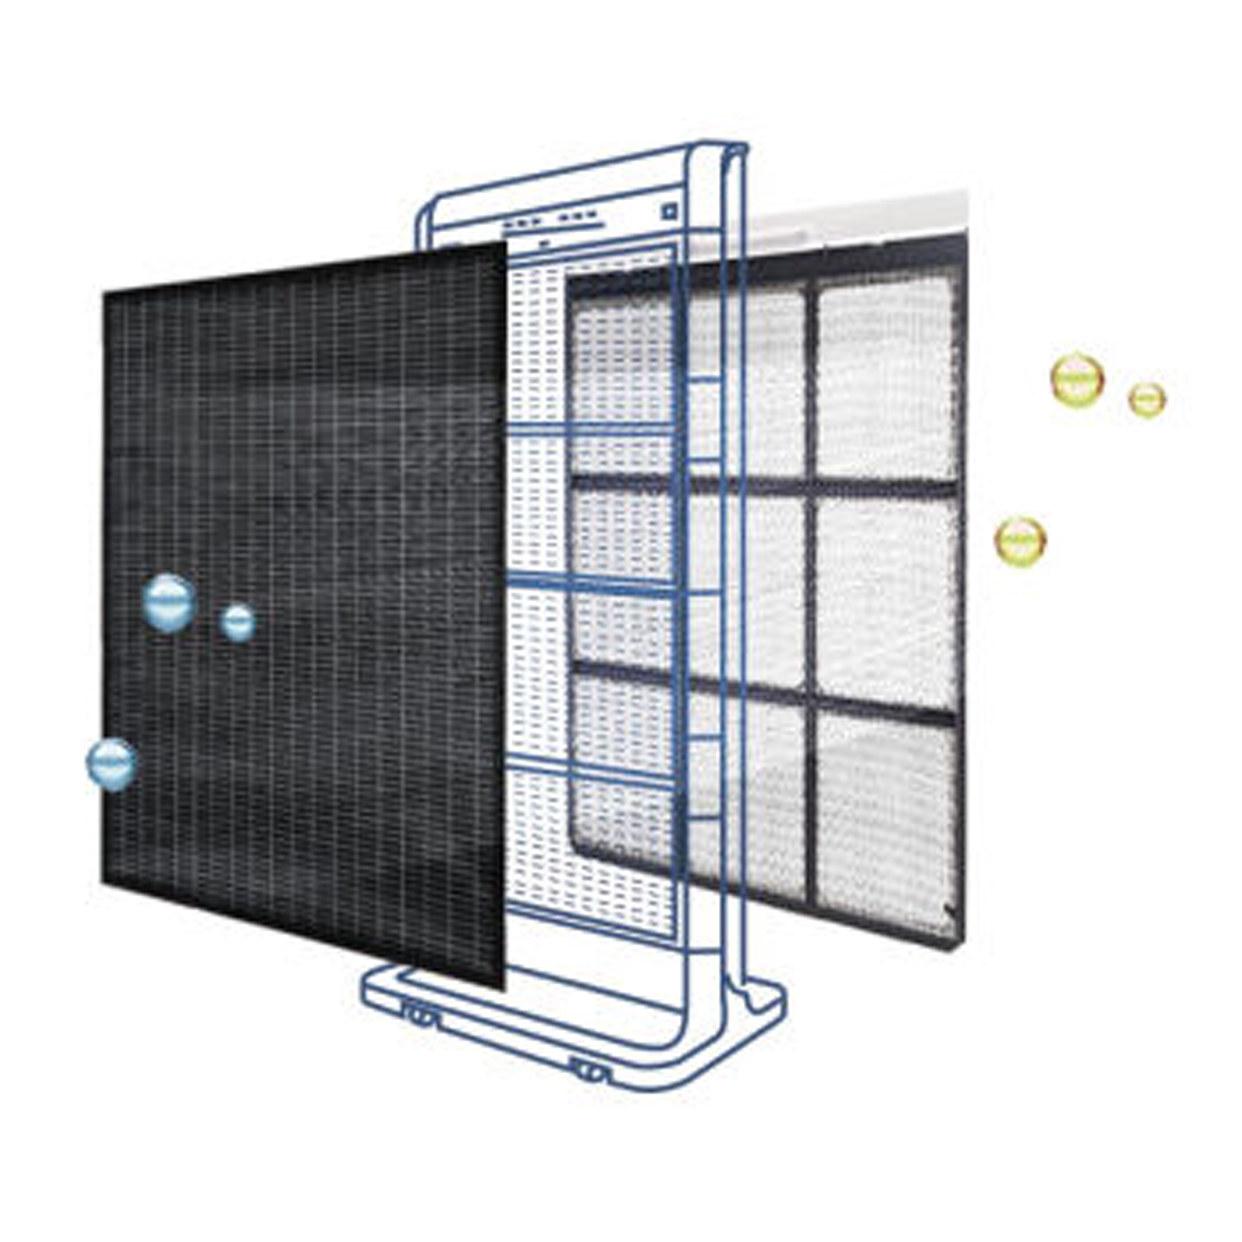 matsushita - mennyezet típusú kereskedelmi légtisztító / kivéve /PM2.5 haze - / - benzaldehid